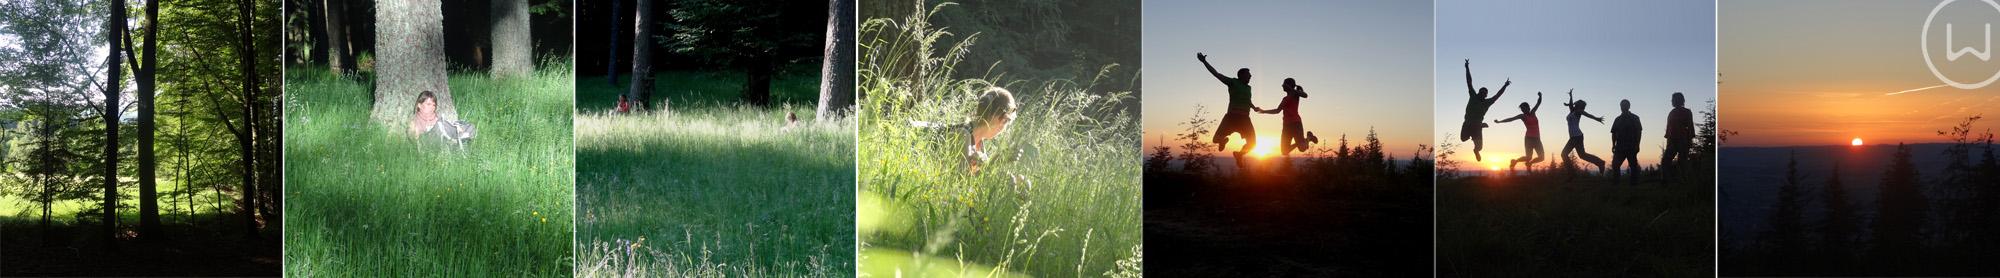 Wirkwege Hongar Attersee Naturwege Coaching